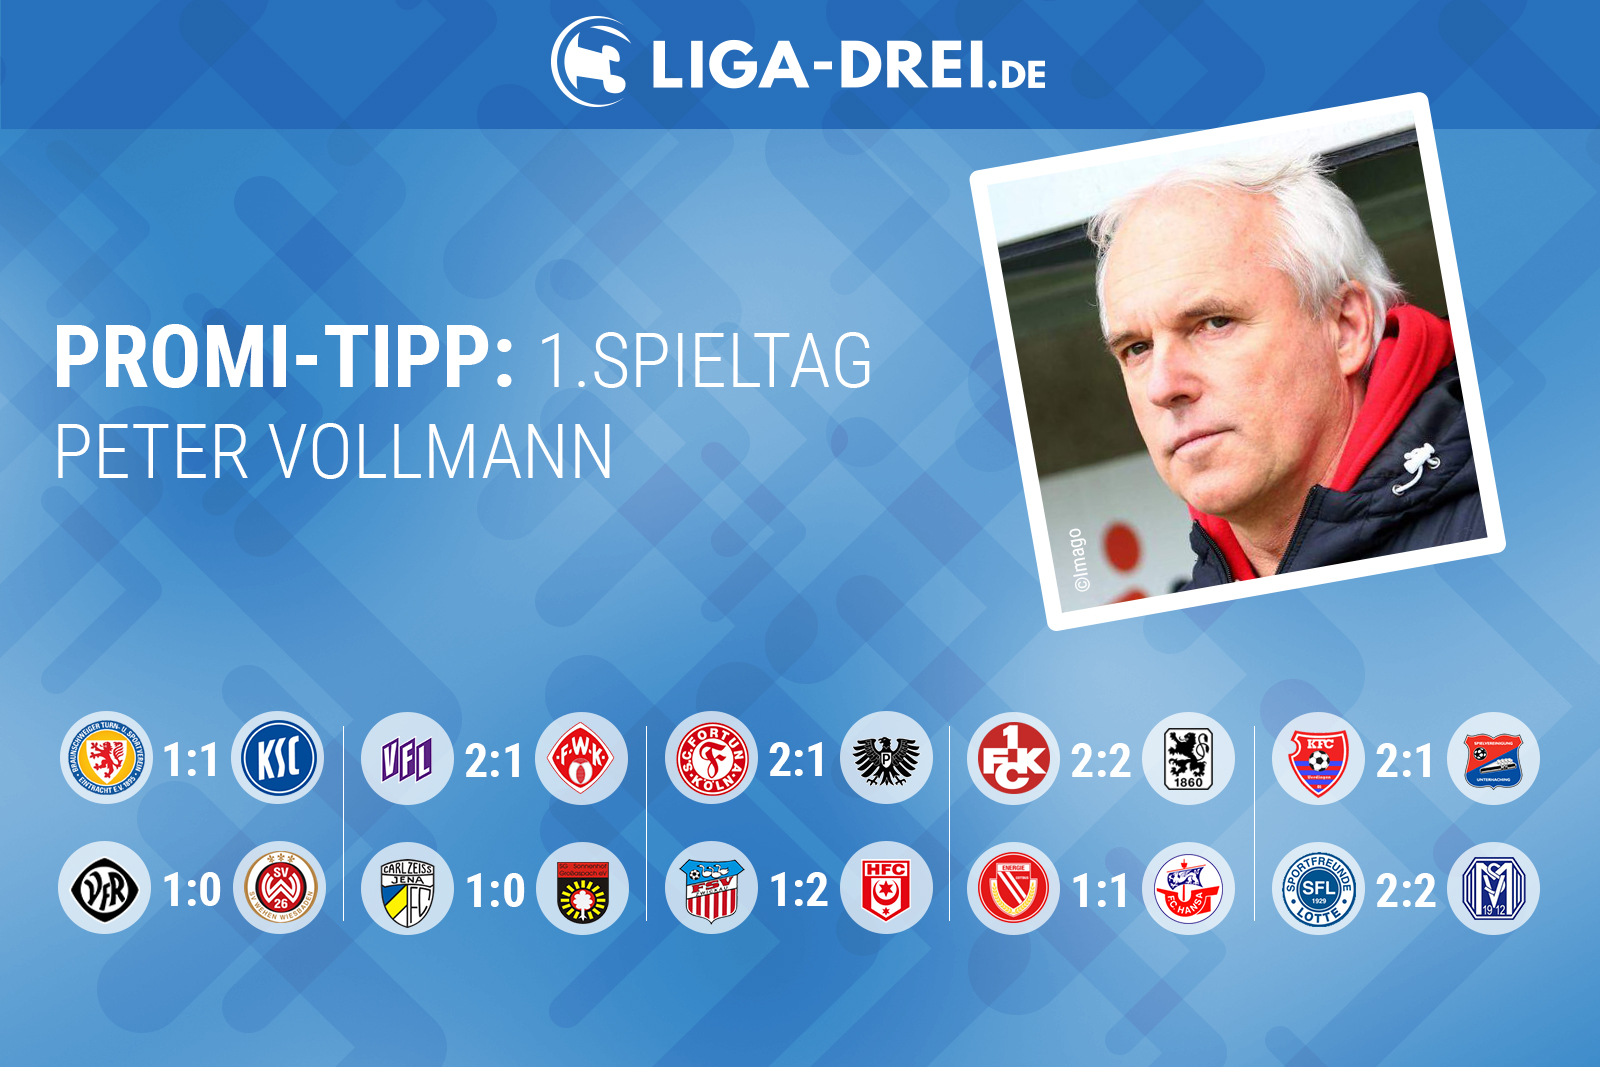 Peter Vollmann tippt den 1. Spieltag